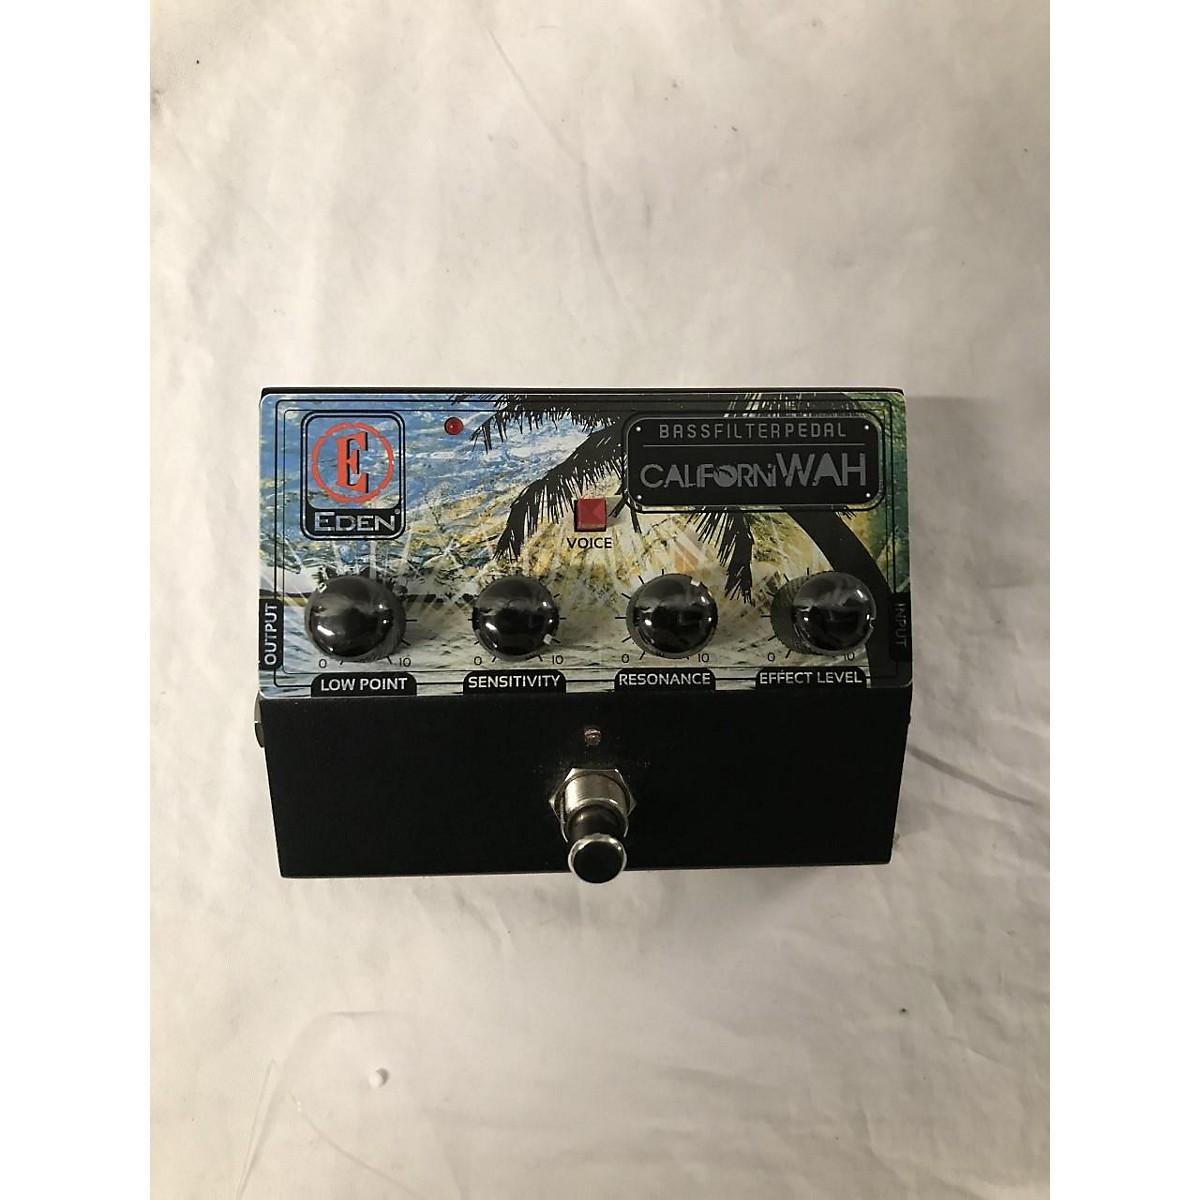 Eden CaliforniWAH Bass Filter Bass Effect Pedal